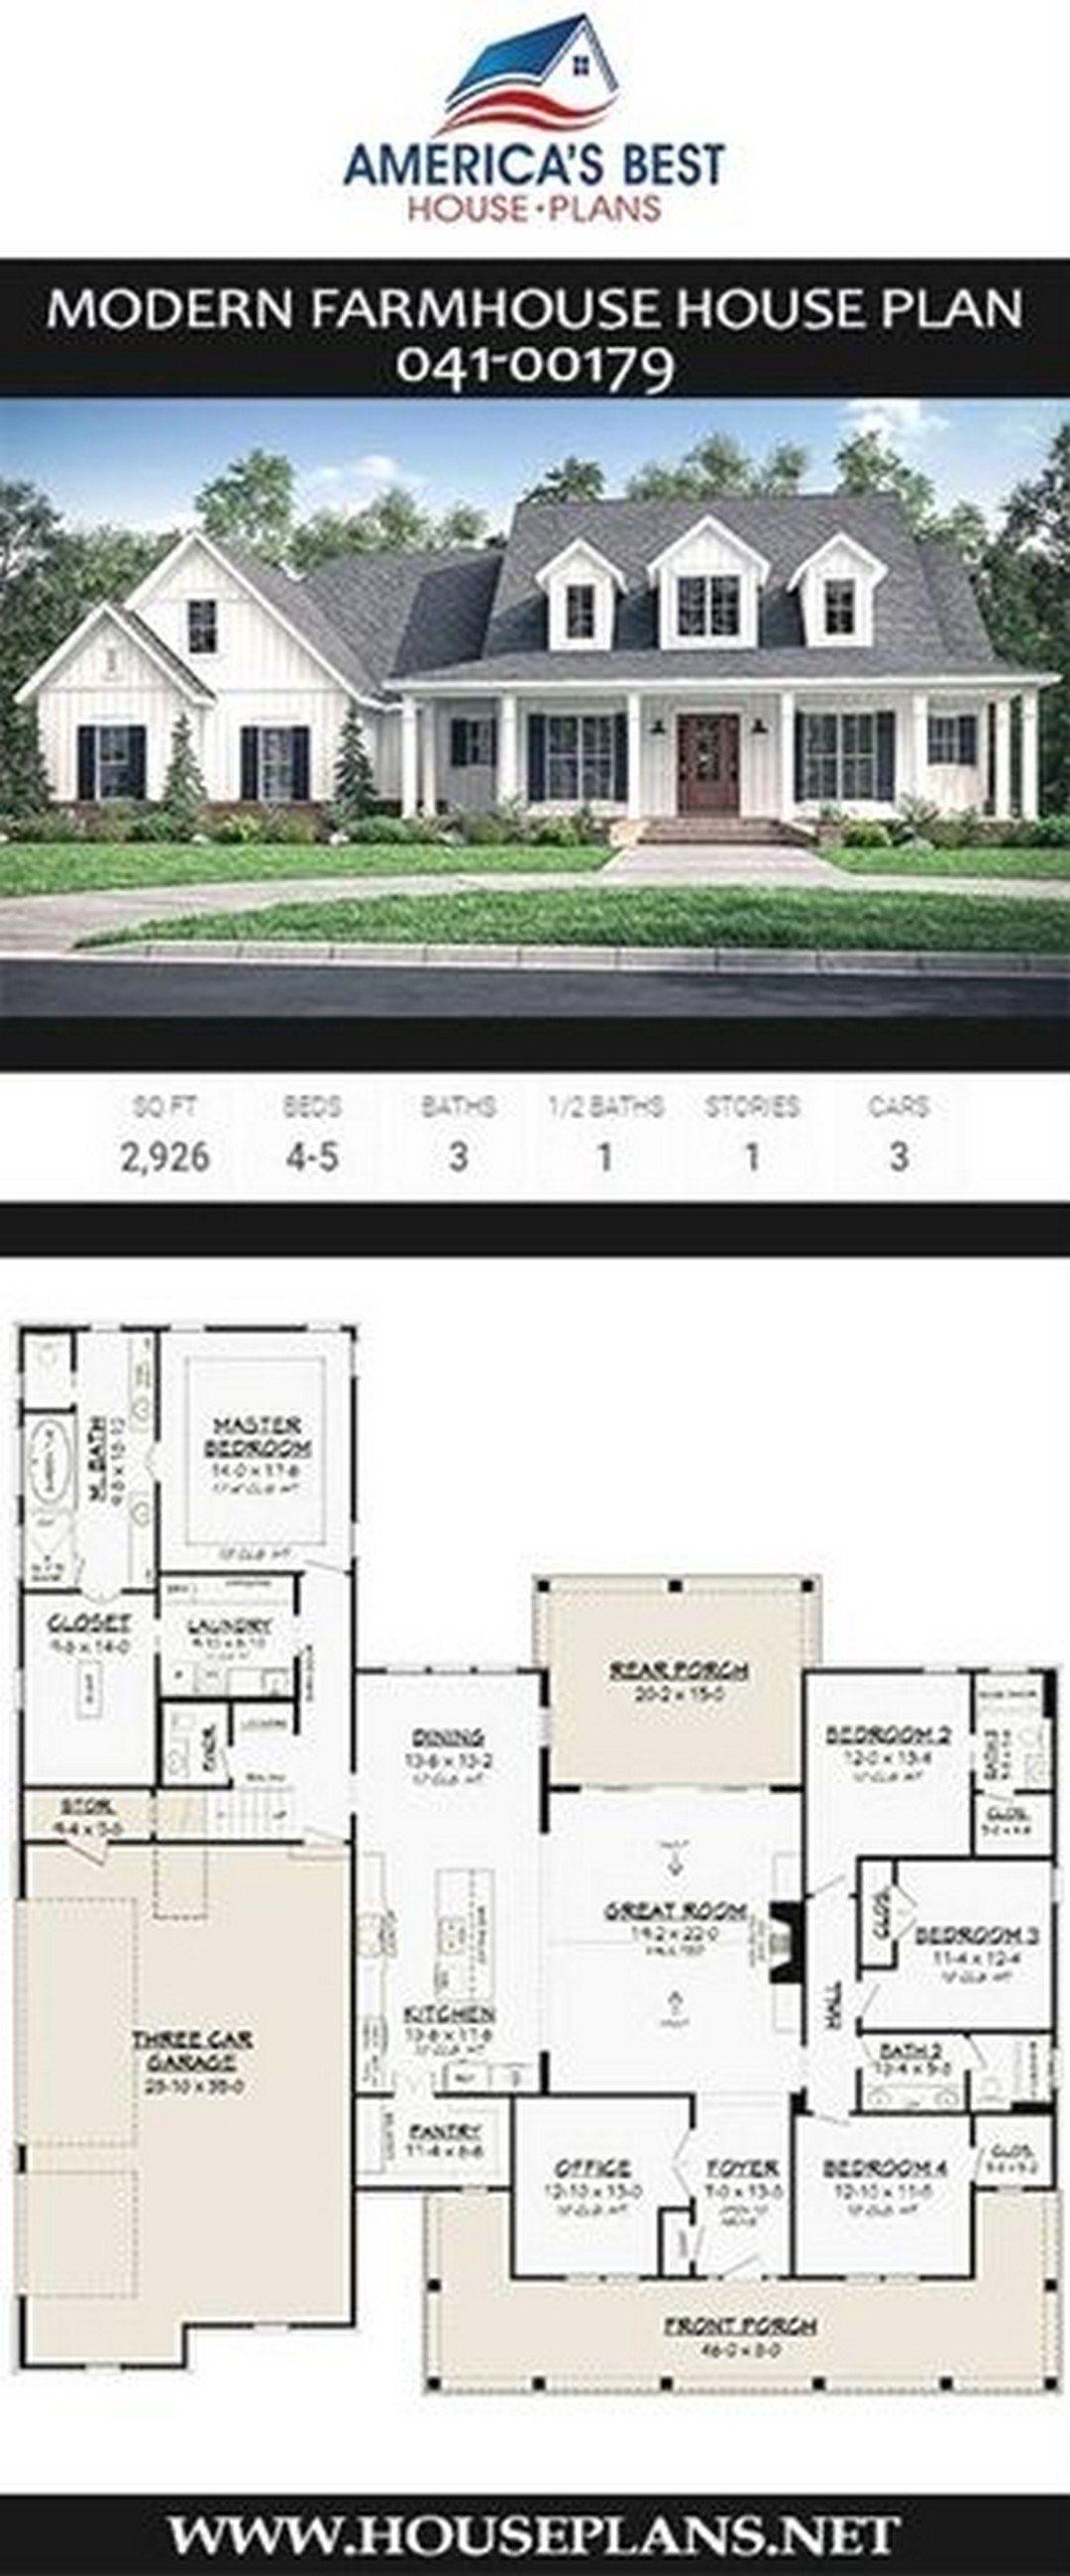 37 Stunning Farmhouse House Plans Ideas With Wrap Around Farmhouse Room House Plans Farmhouse Farmhouse Floor Plans New House Plans